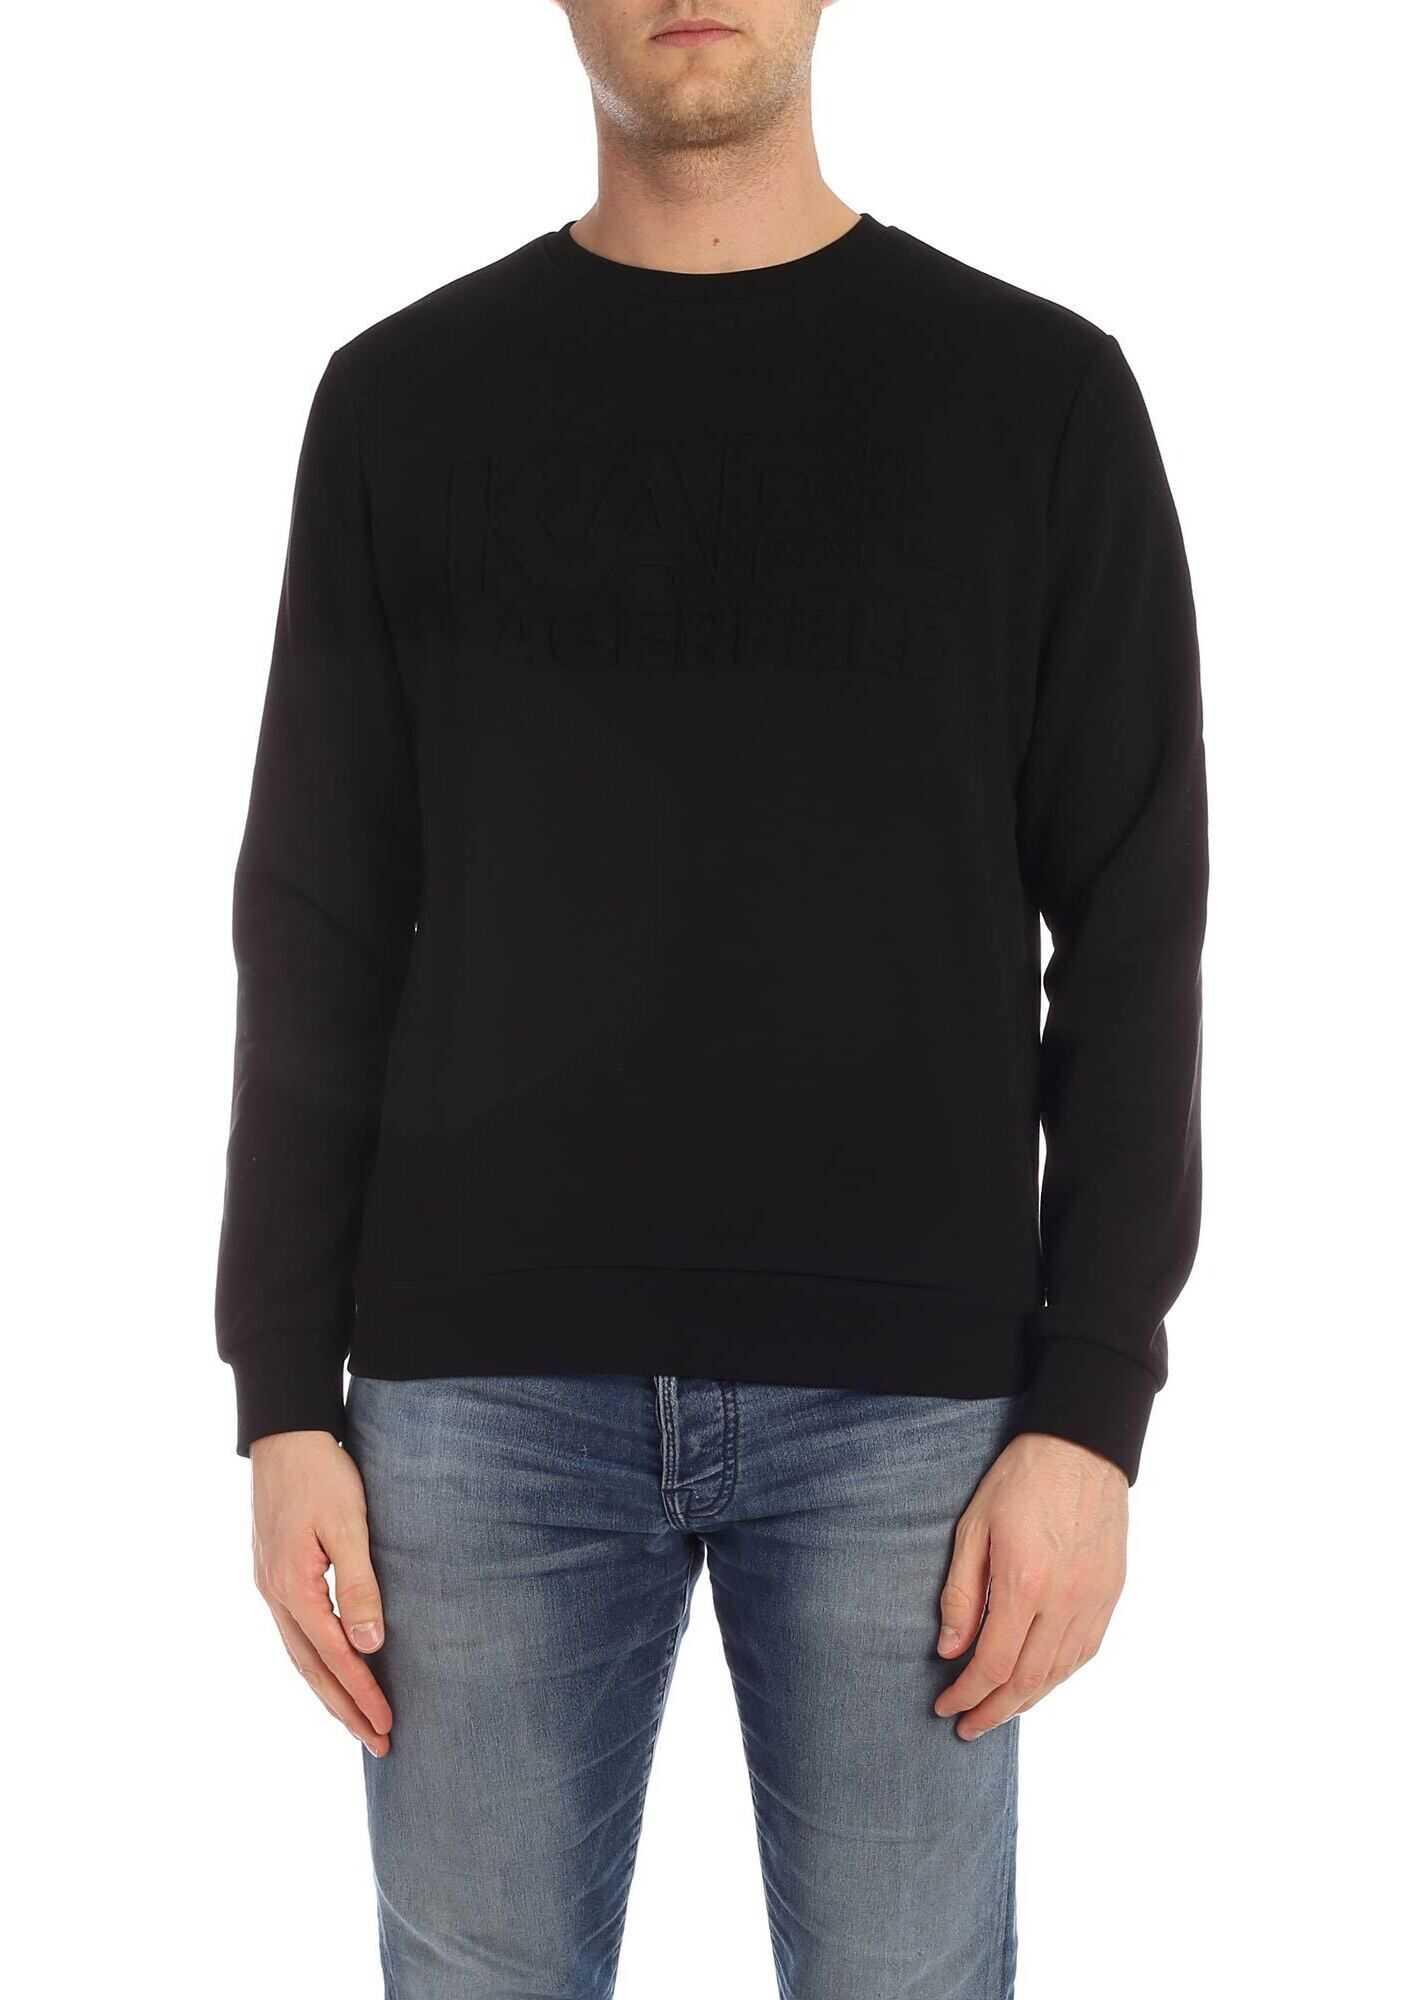 Karl Lagerfeld Black Sweatshirt With Embossed Logo Black